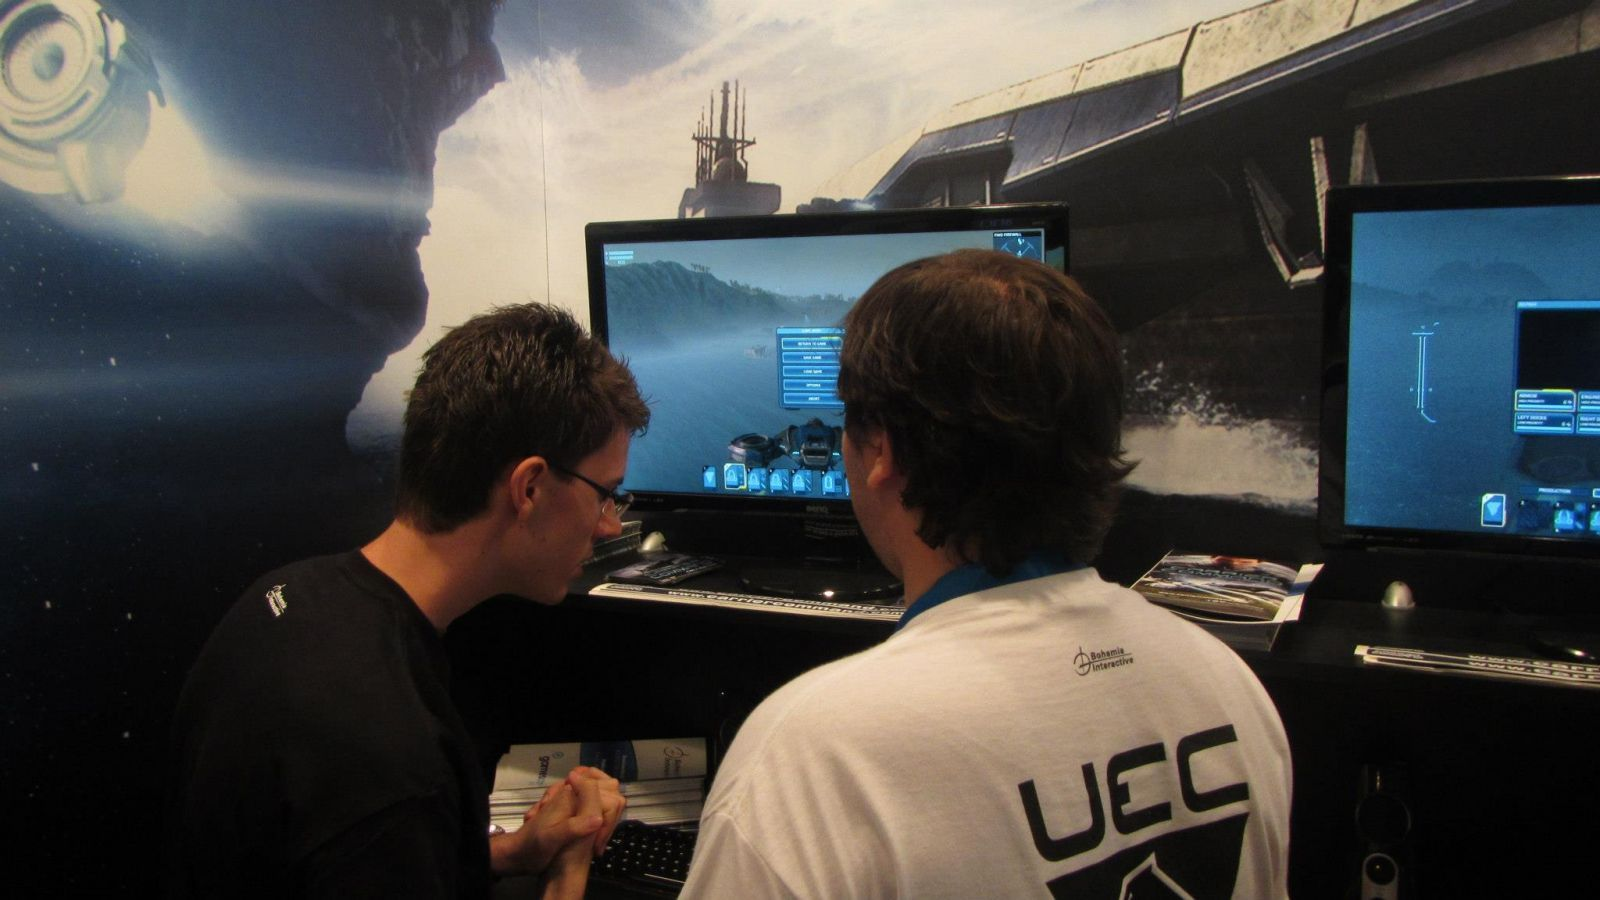 BI stend gamescom 2012 13